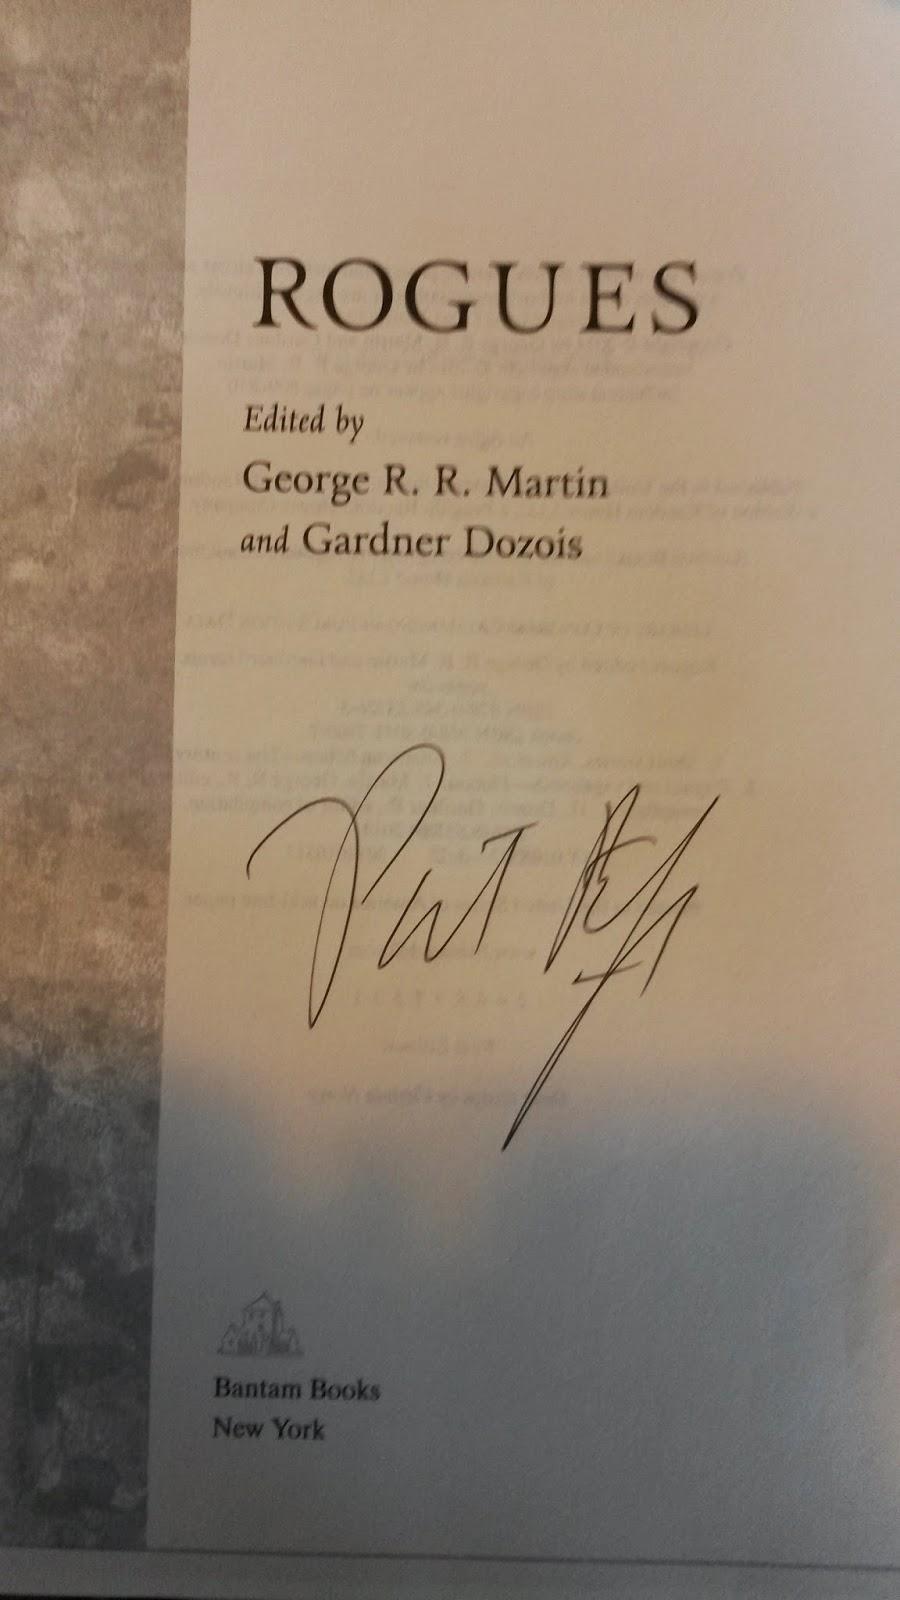 Bokhylla mi Rogues redigert av George R R Martin og Gardner Dozois